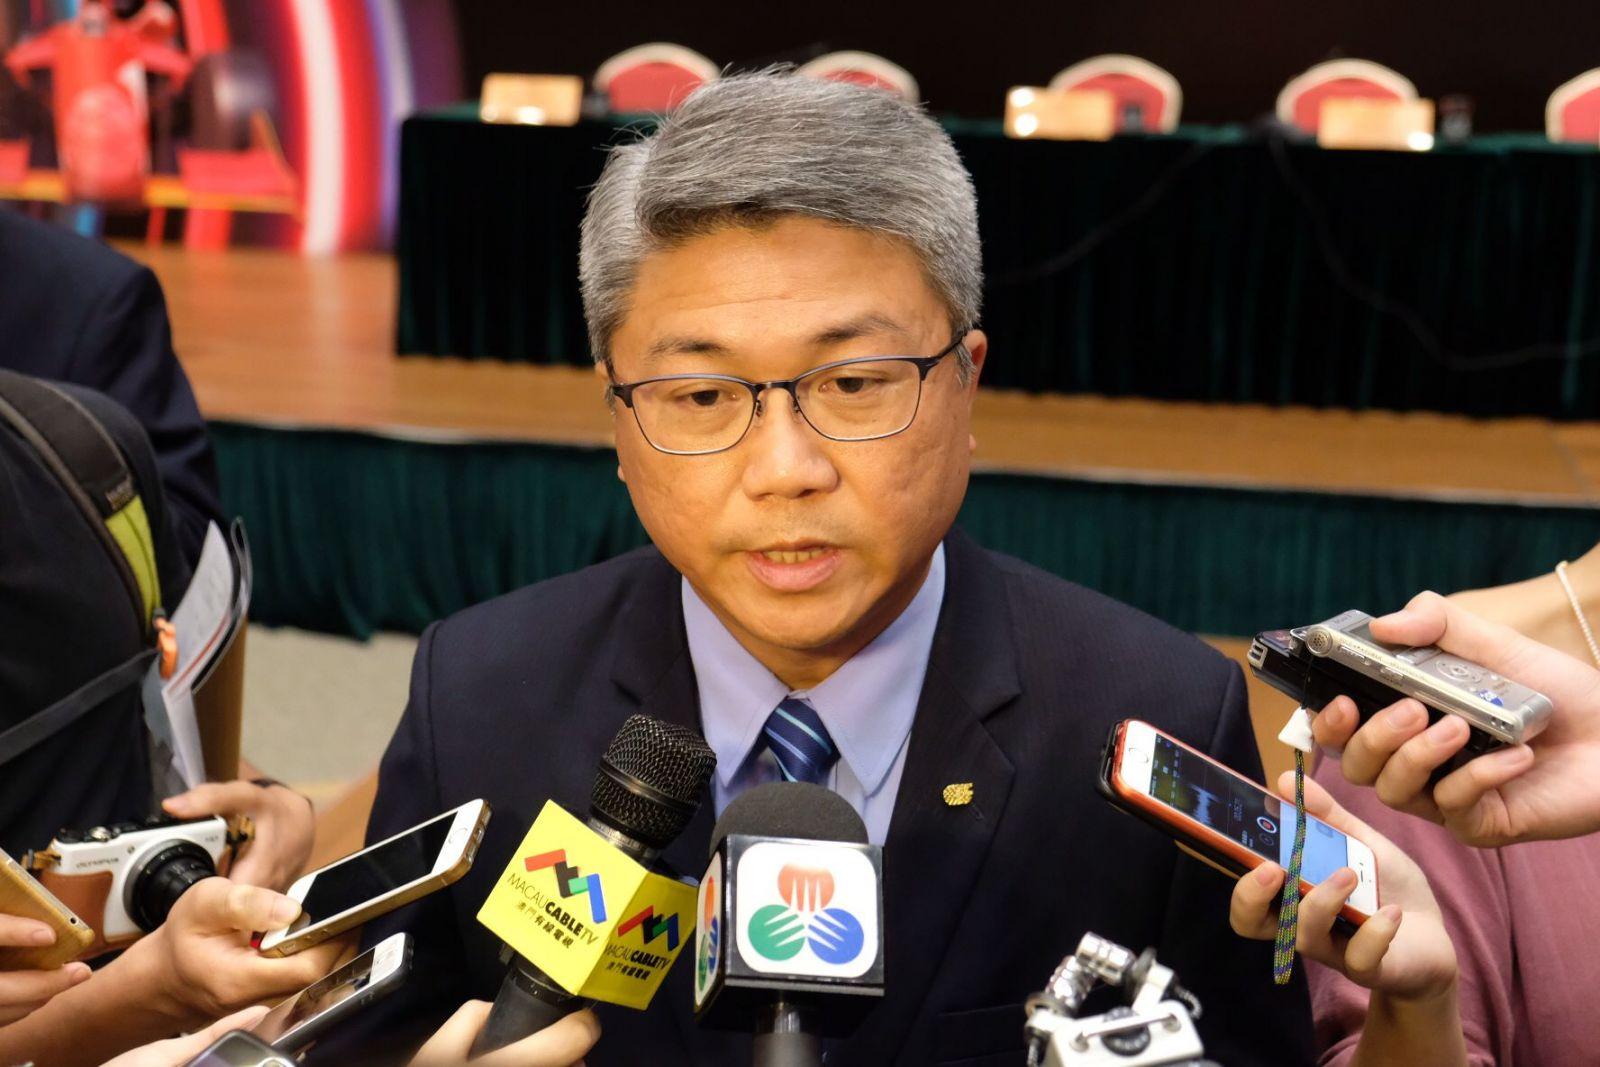 潘永權: 國際電聯對東望洋賽道評價正面